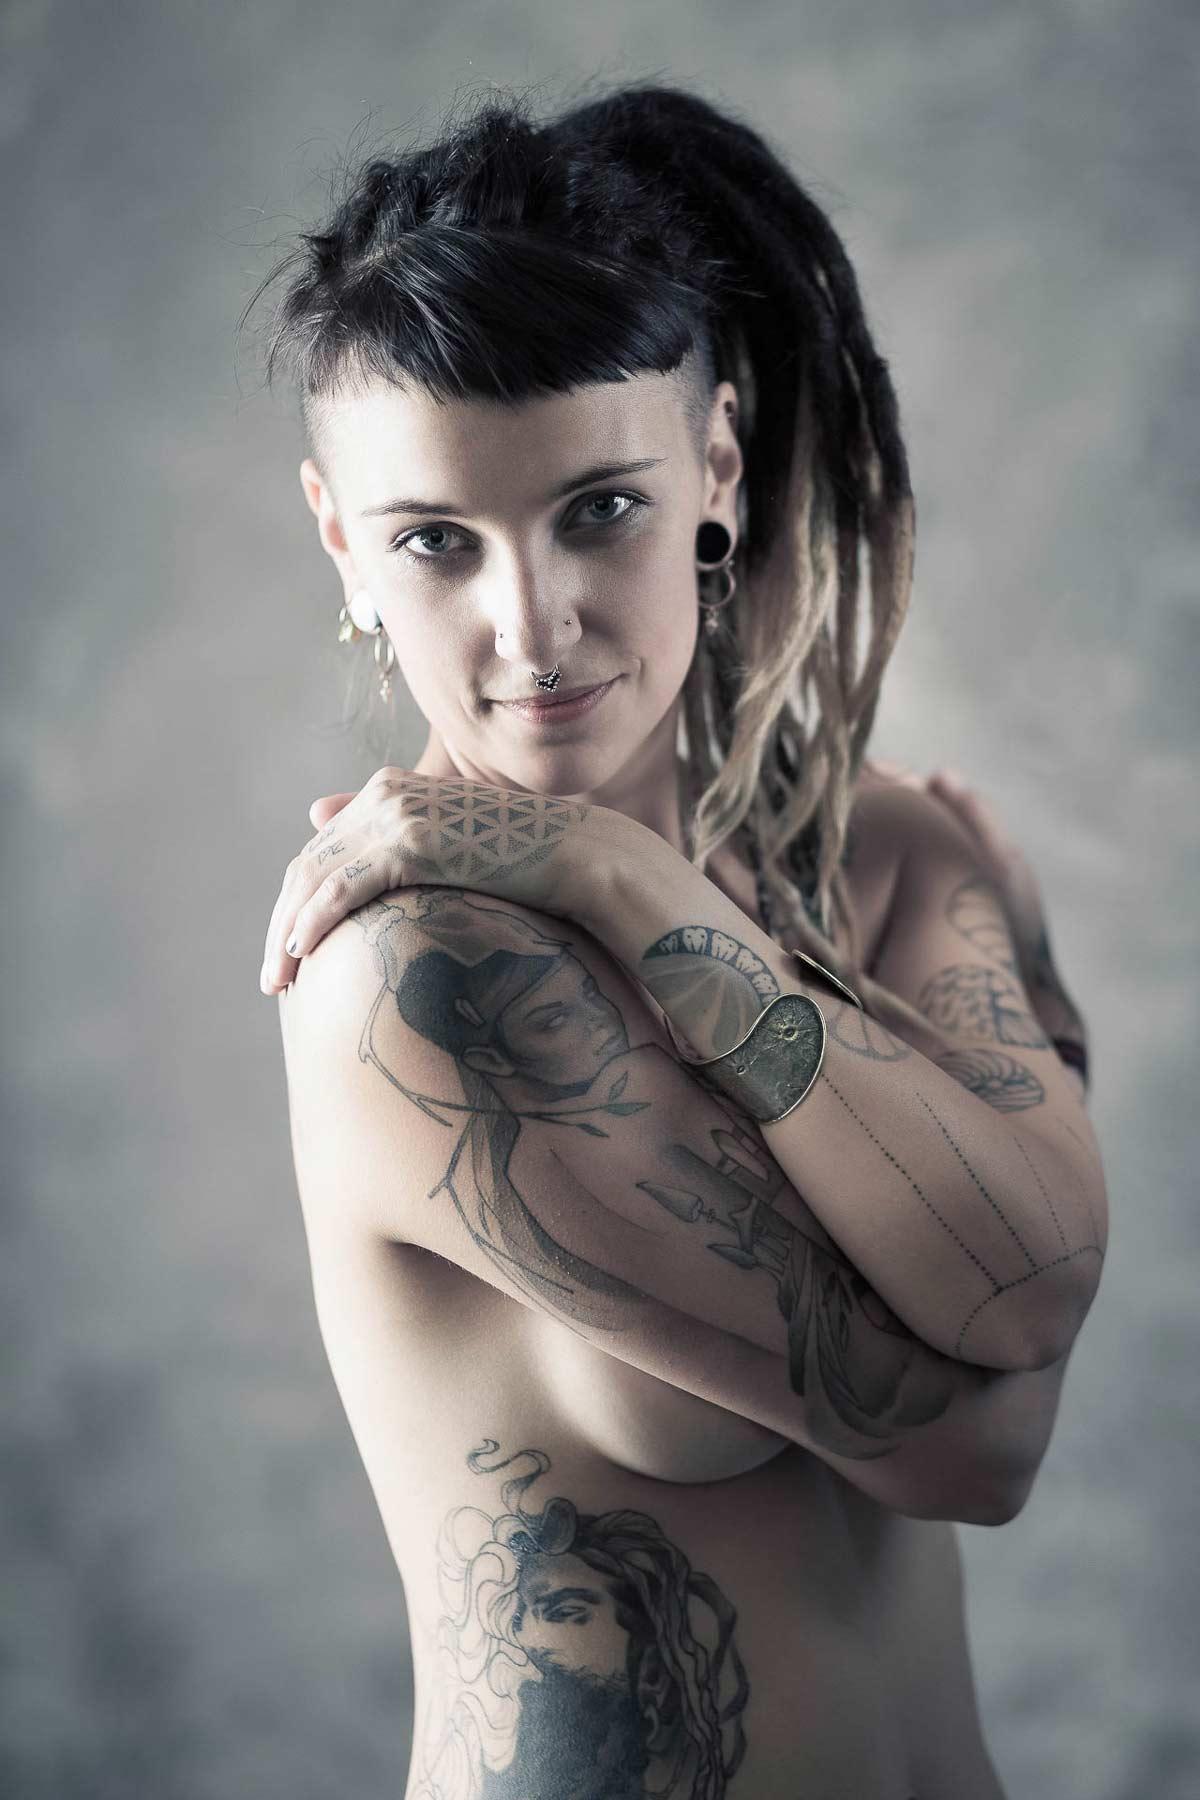 Portraitfoto einer Frau mit Dreadlocks und einem Nasenpiercing